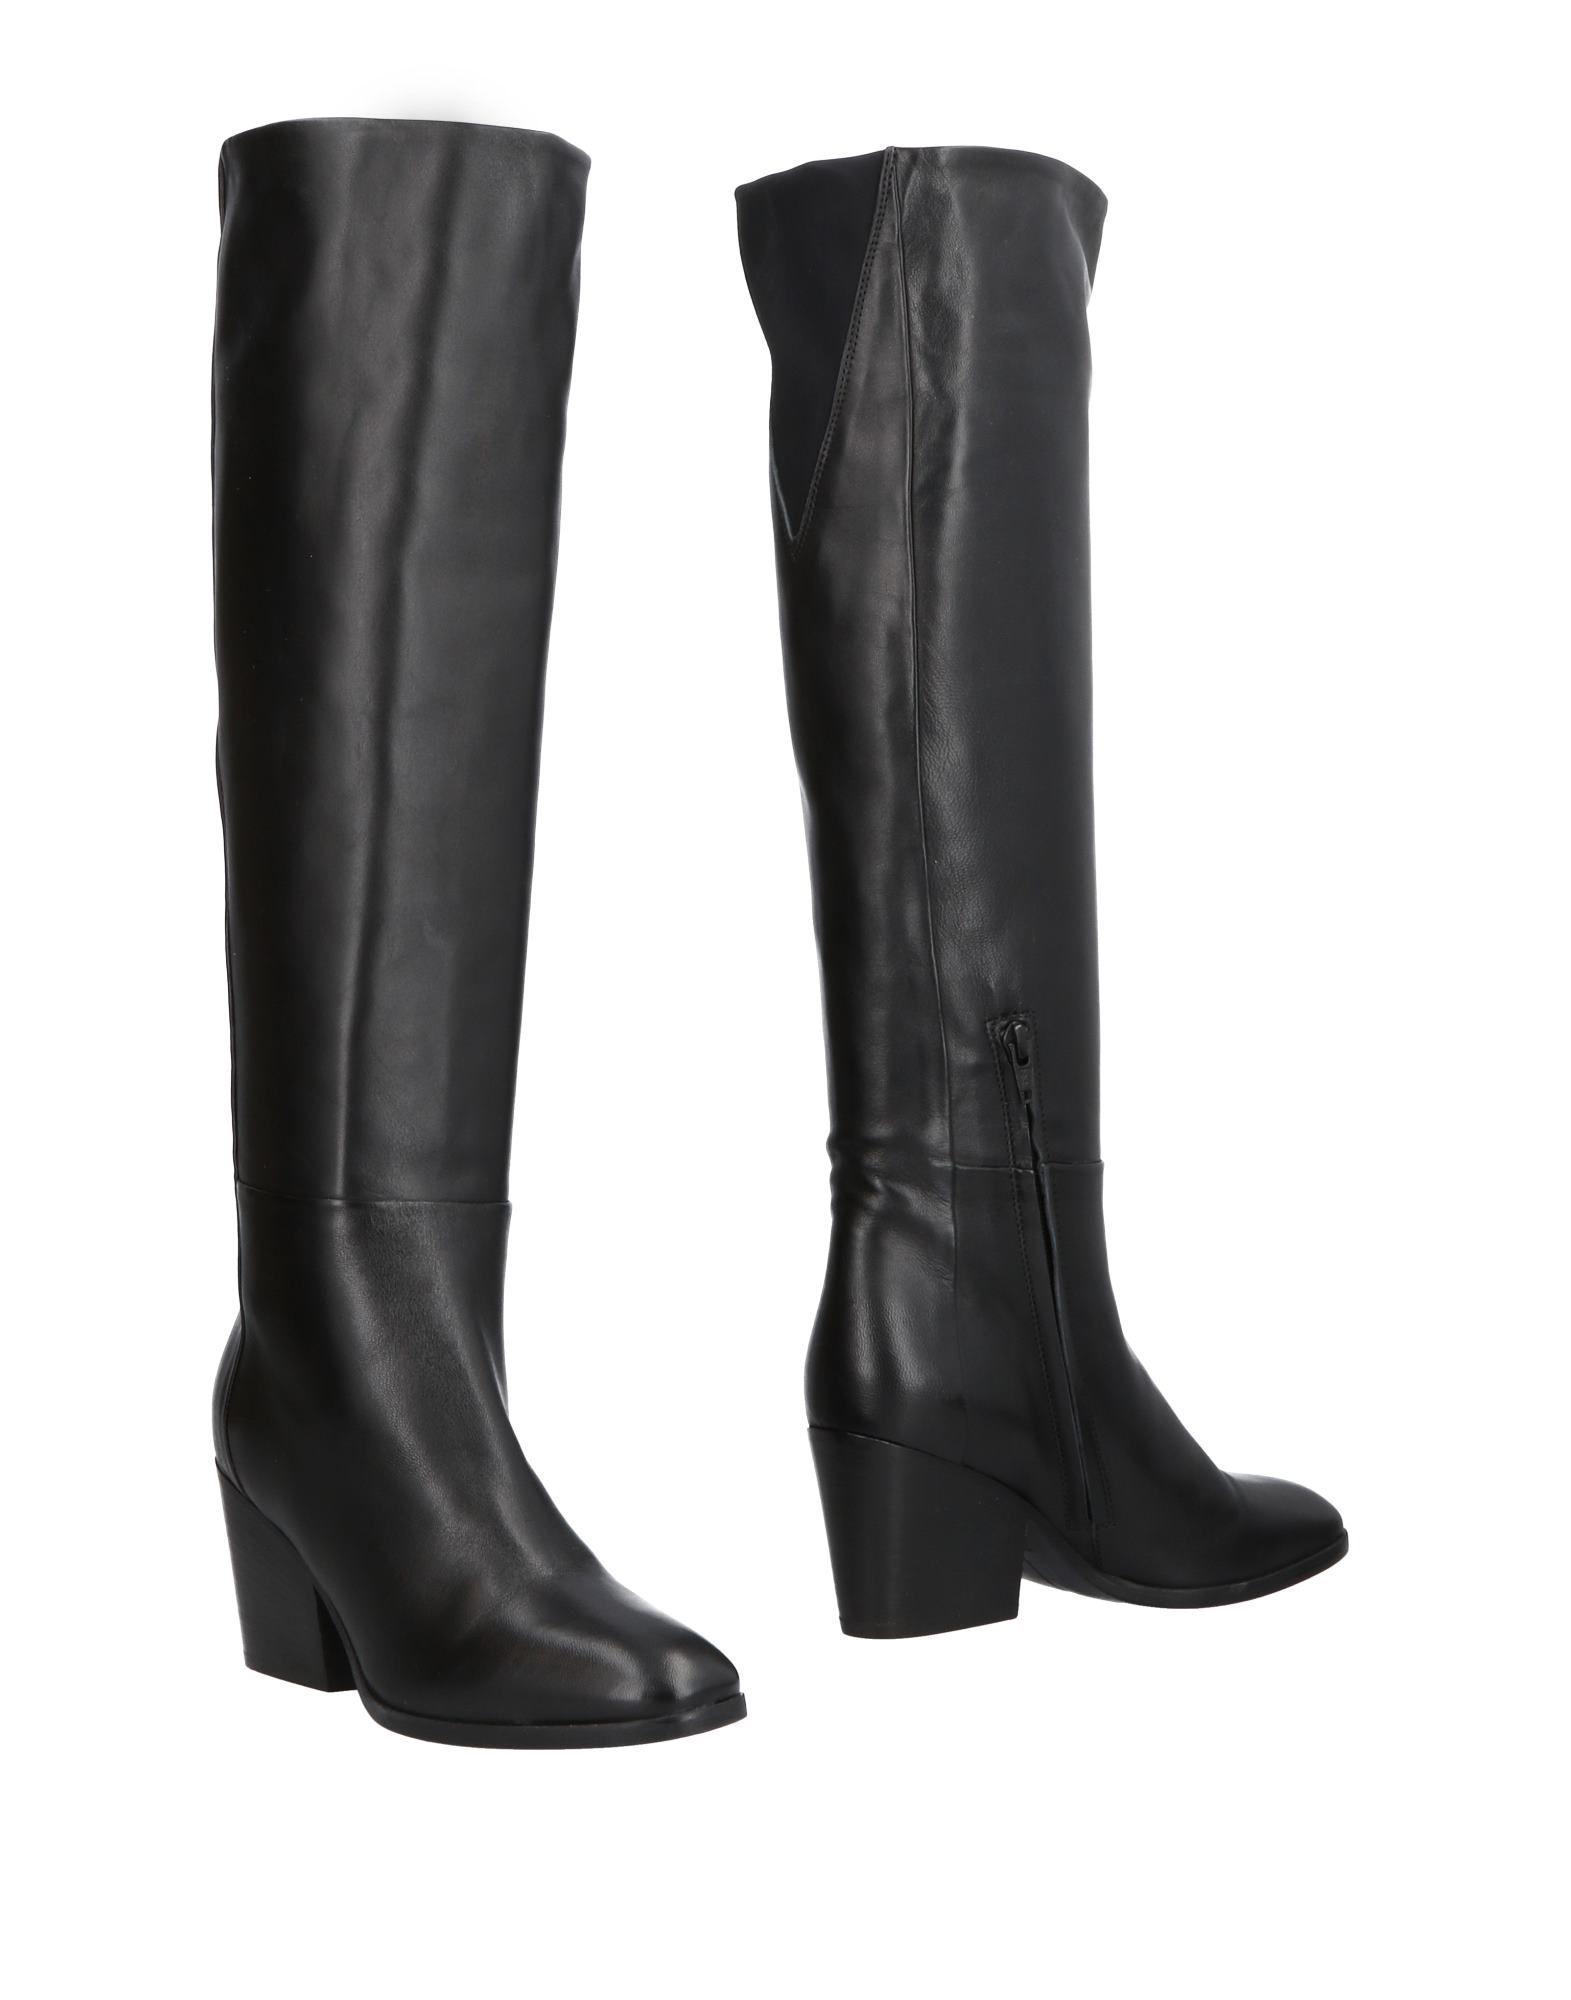 Moda Stivali Fiorifrancesi Donna - 11503081MQ